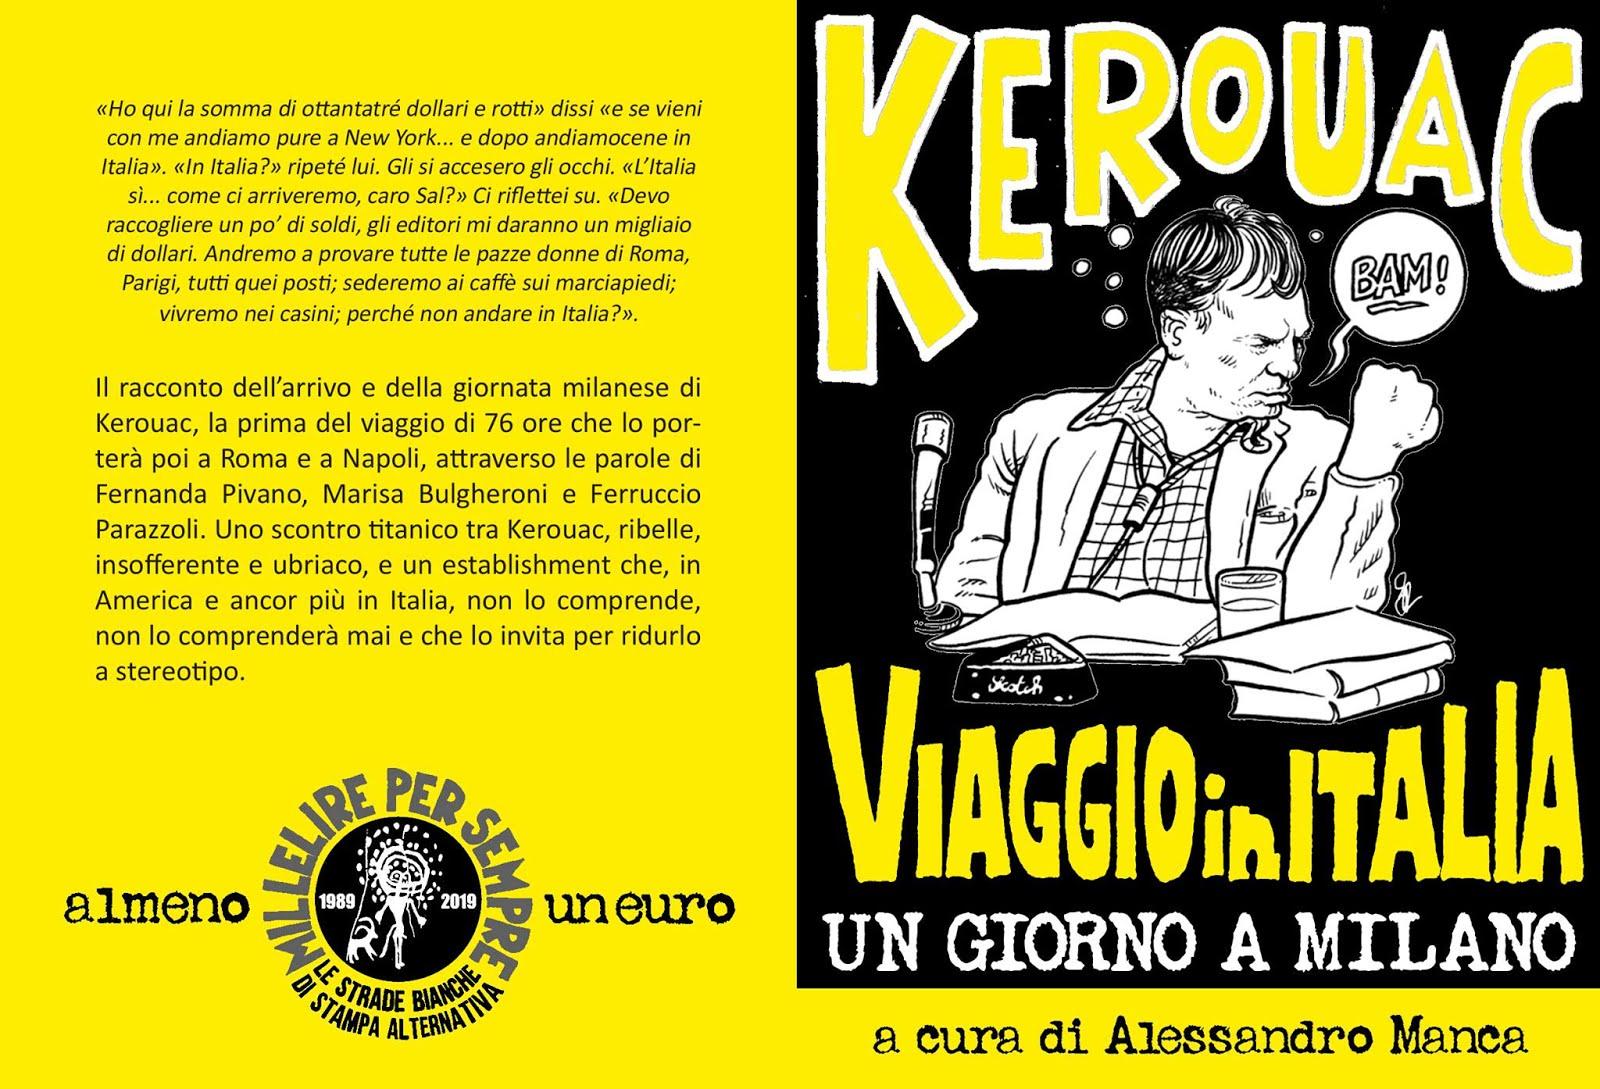 ALESSANDRO MANCA - Kerouac - Viaggio in Italia - Un giorno a Milano